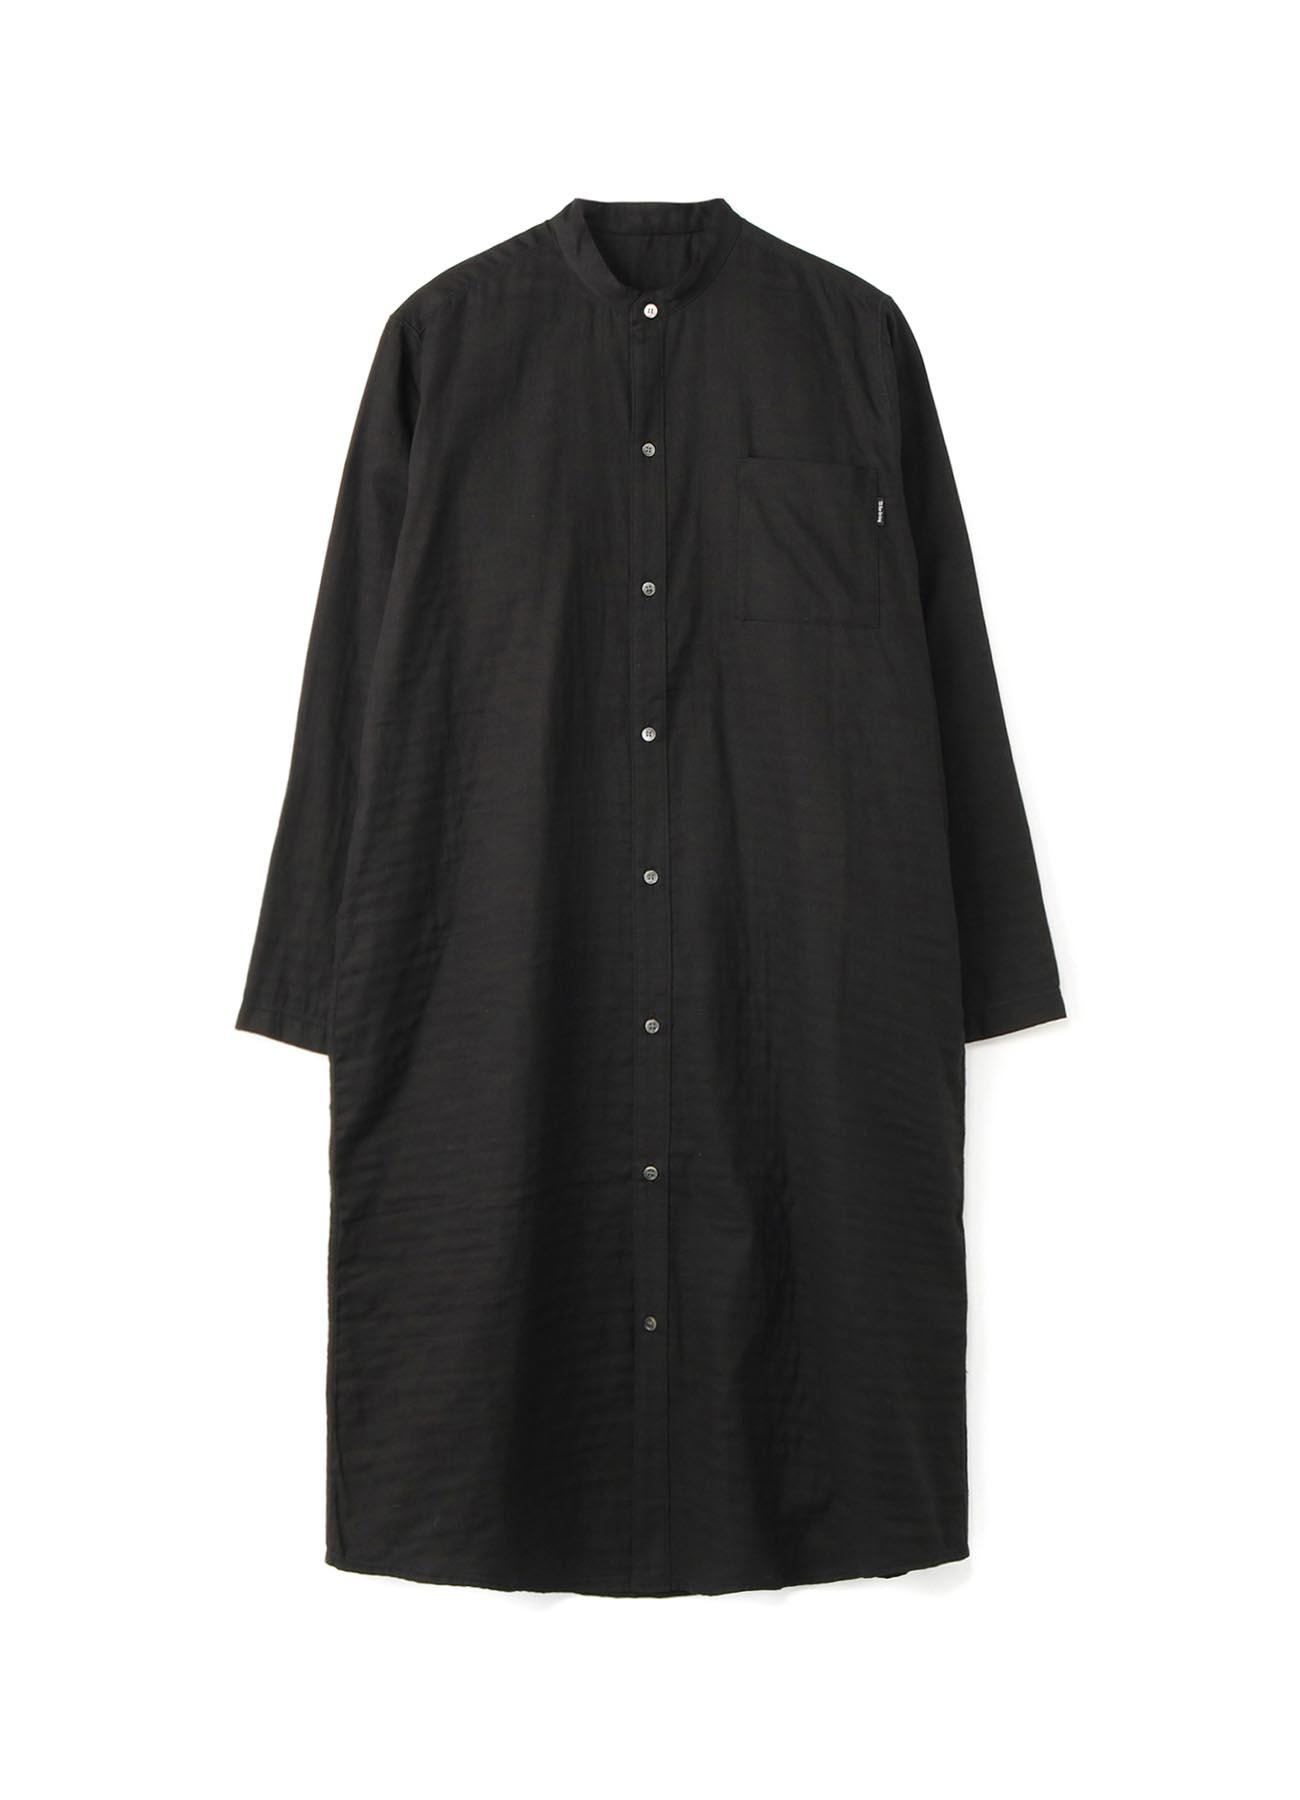 DOUBLE GAUZE OPEN FRONT LONG SLEEVE DRESS (L)